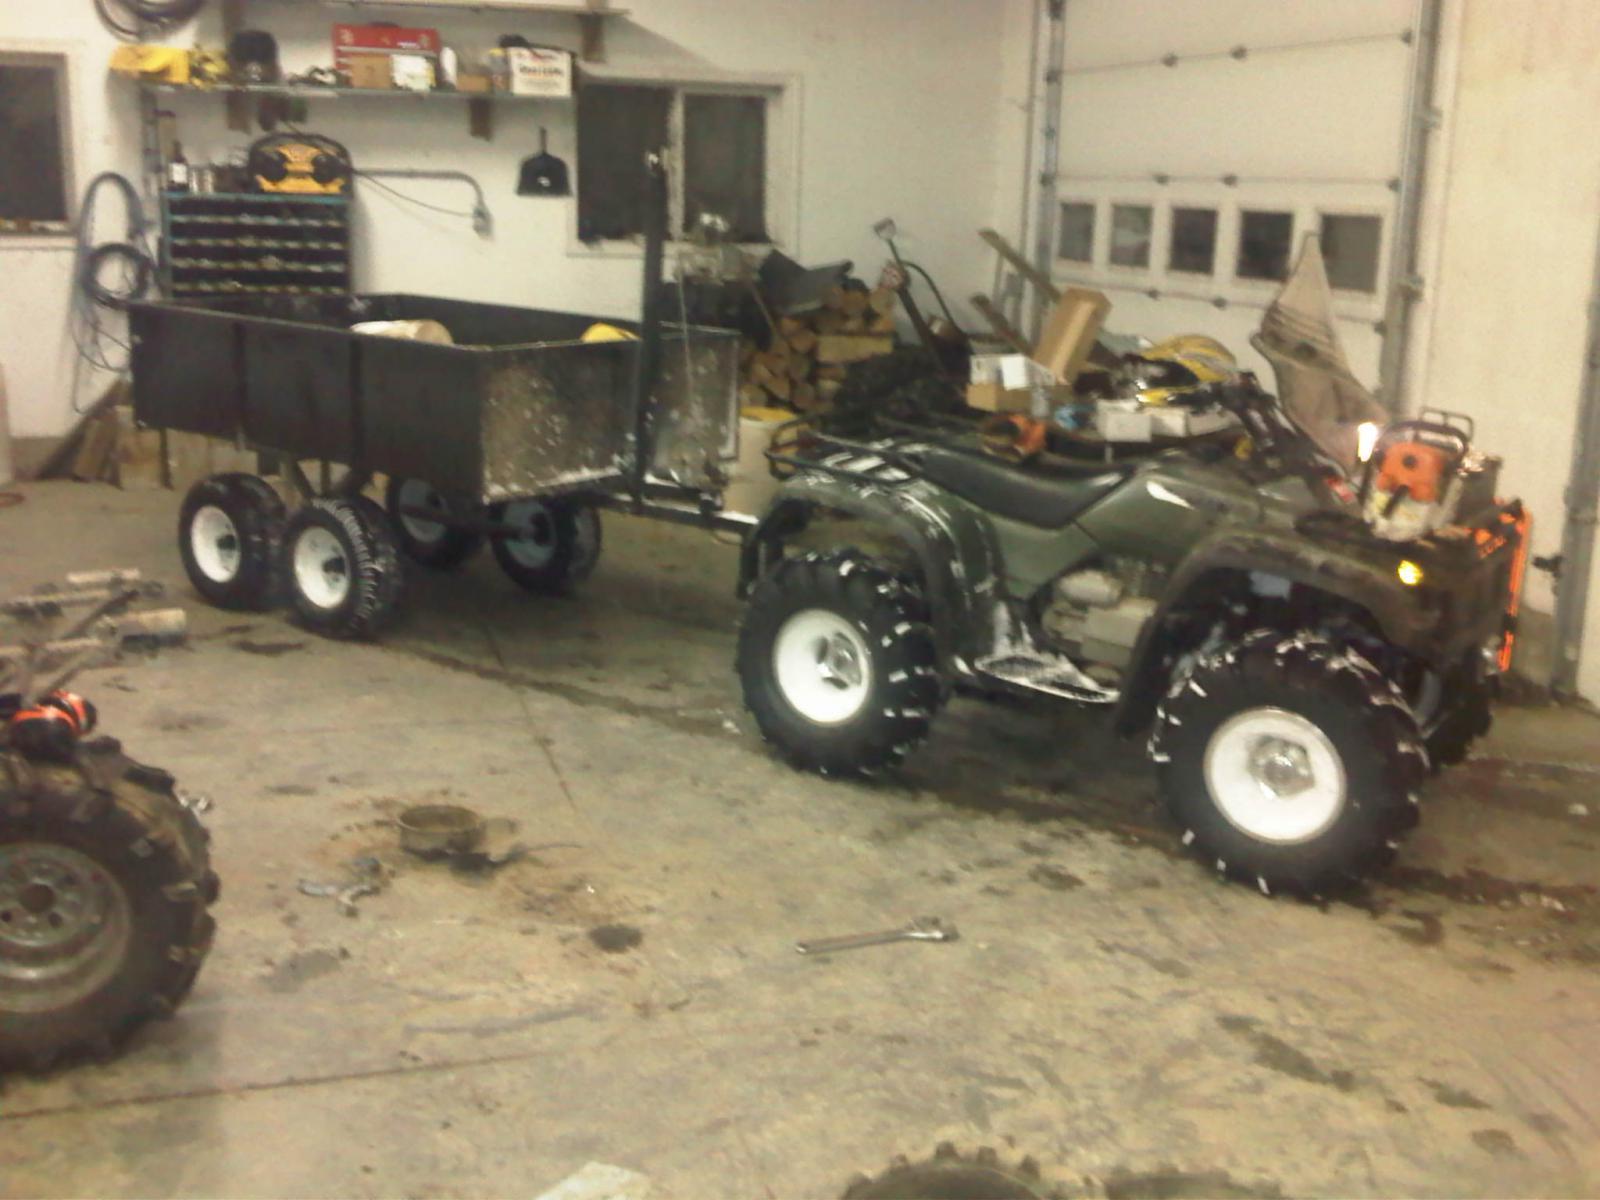 ATV Dump Trailer - Honda Foreman Forums : Rubicon, Rincon, Rancher and Recon Forum